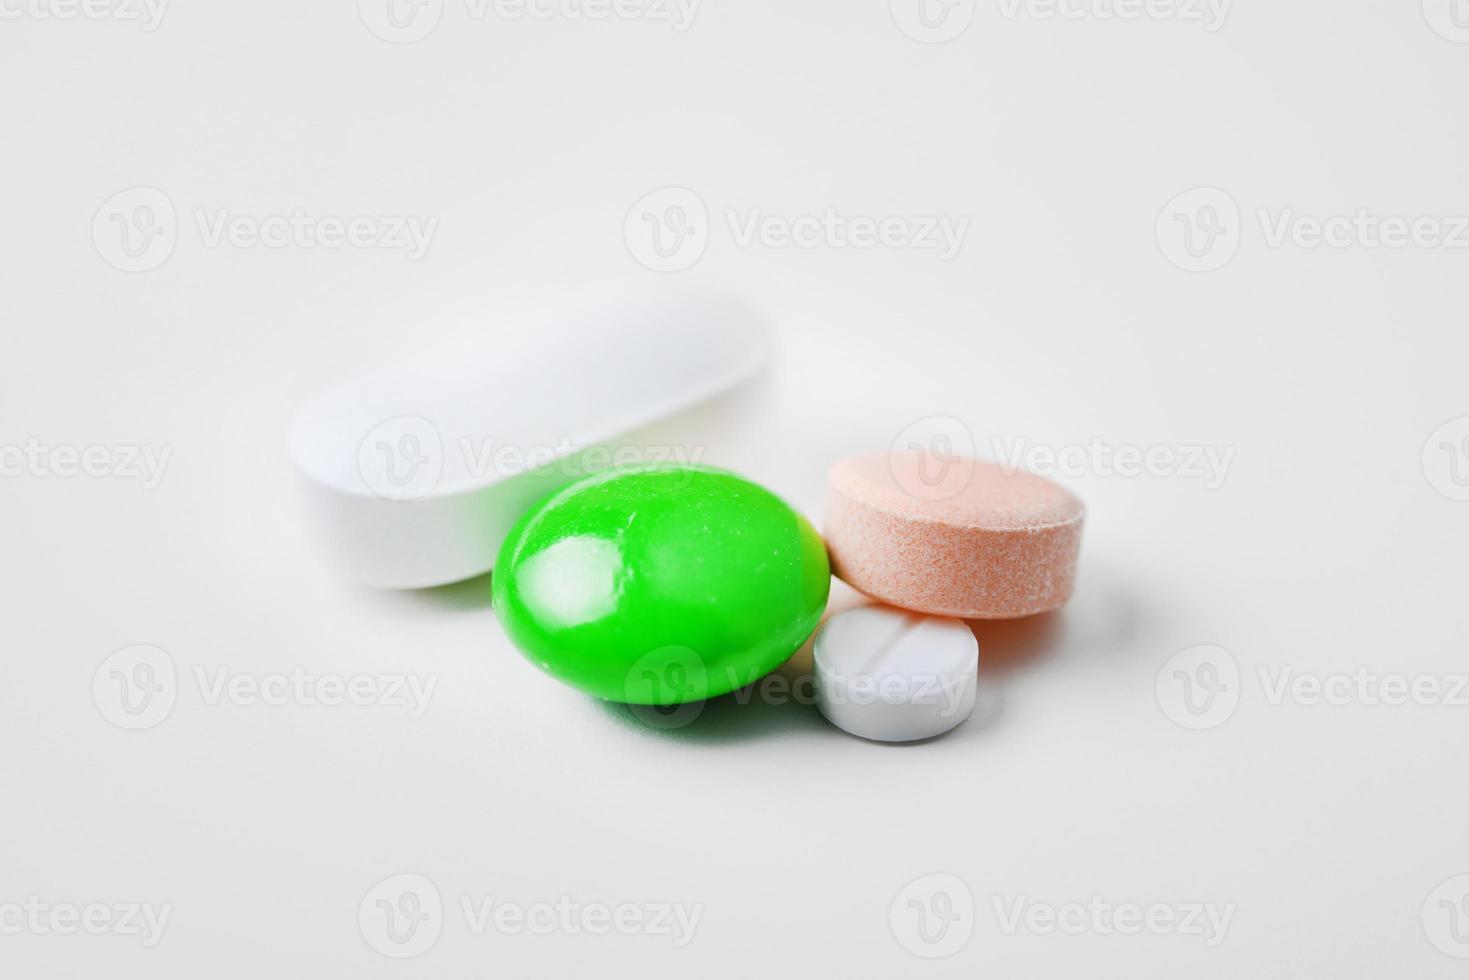 medicijnen en pillen foto